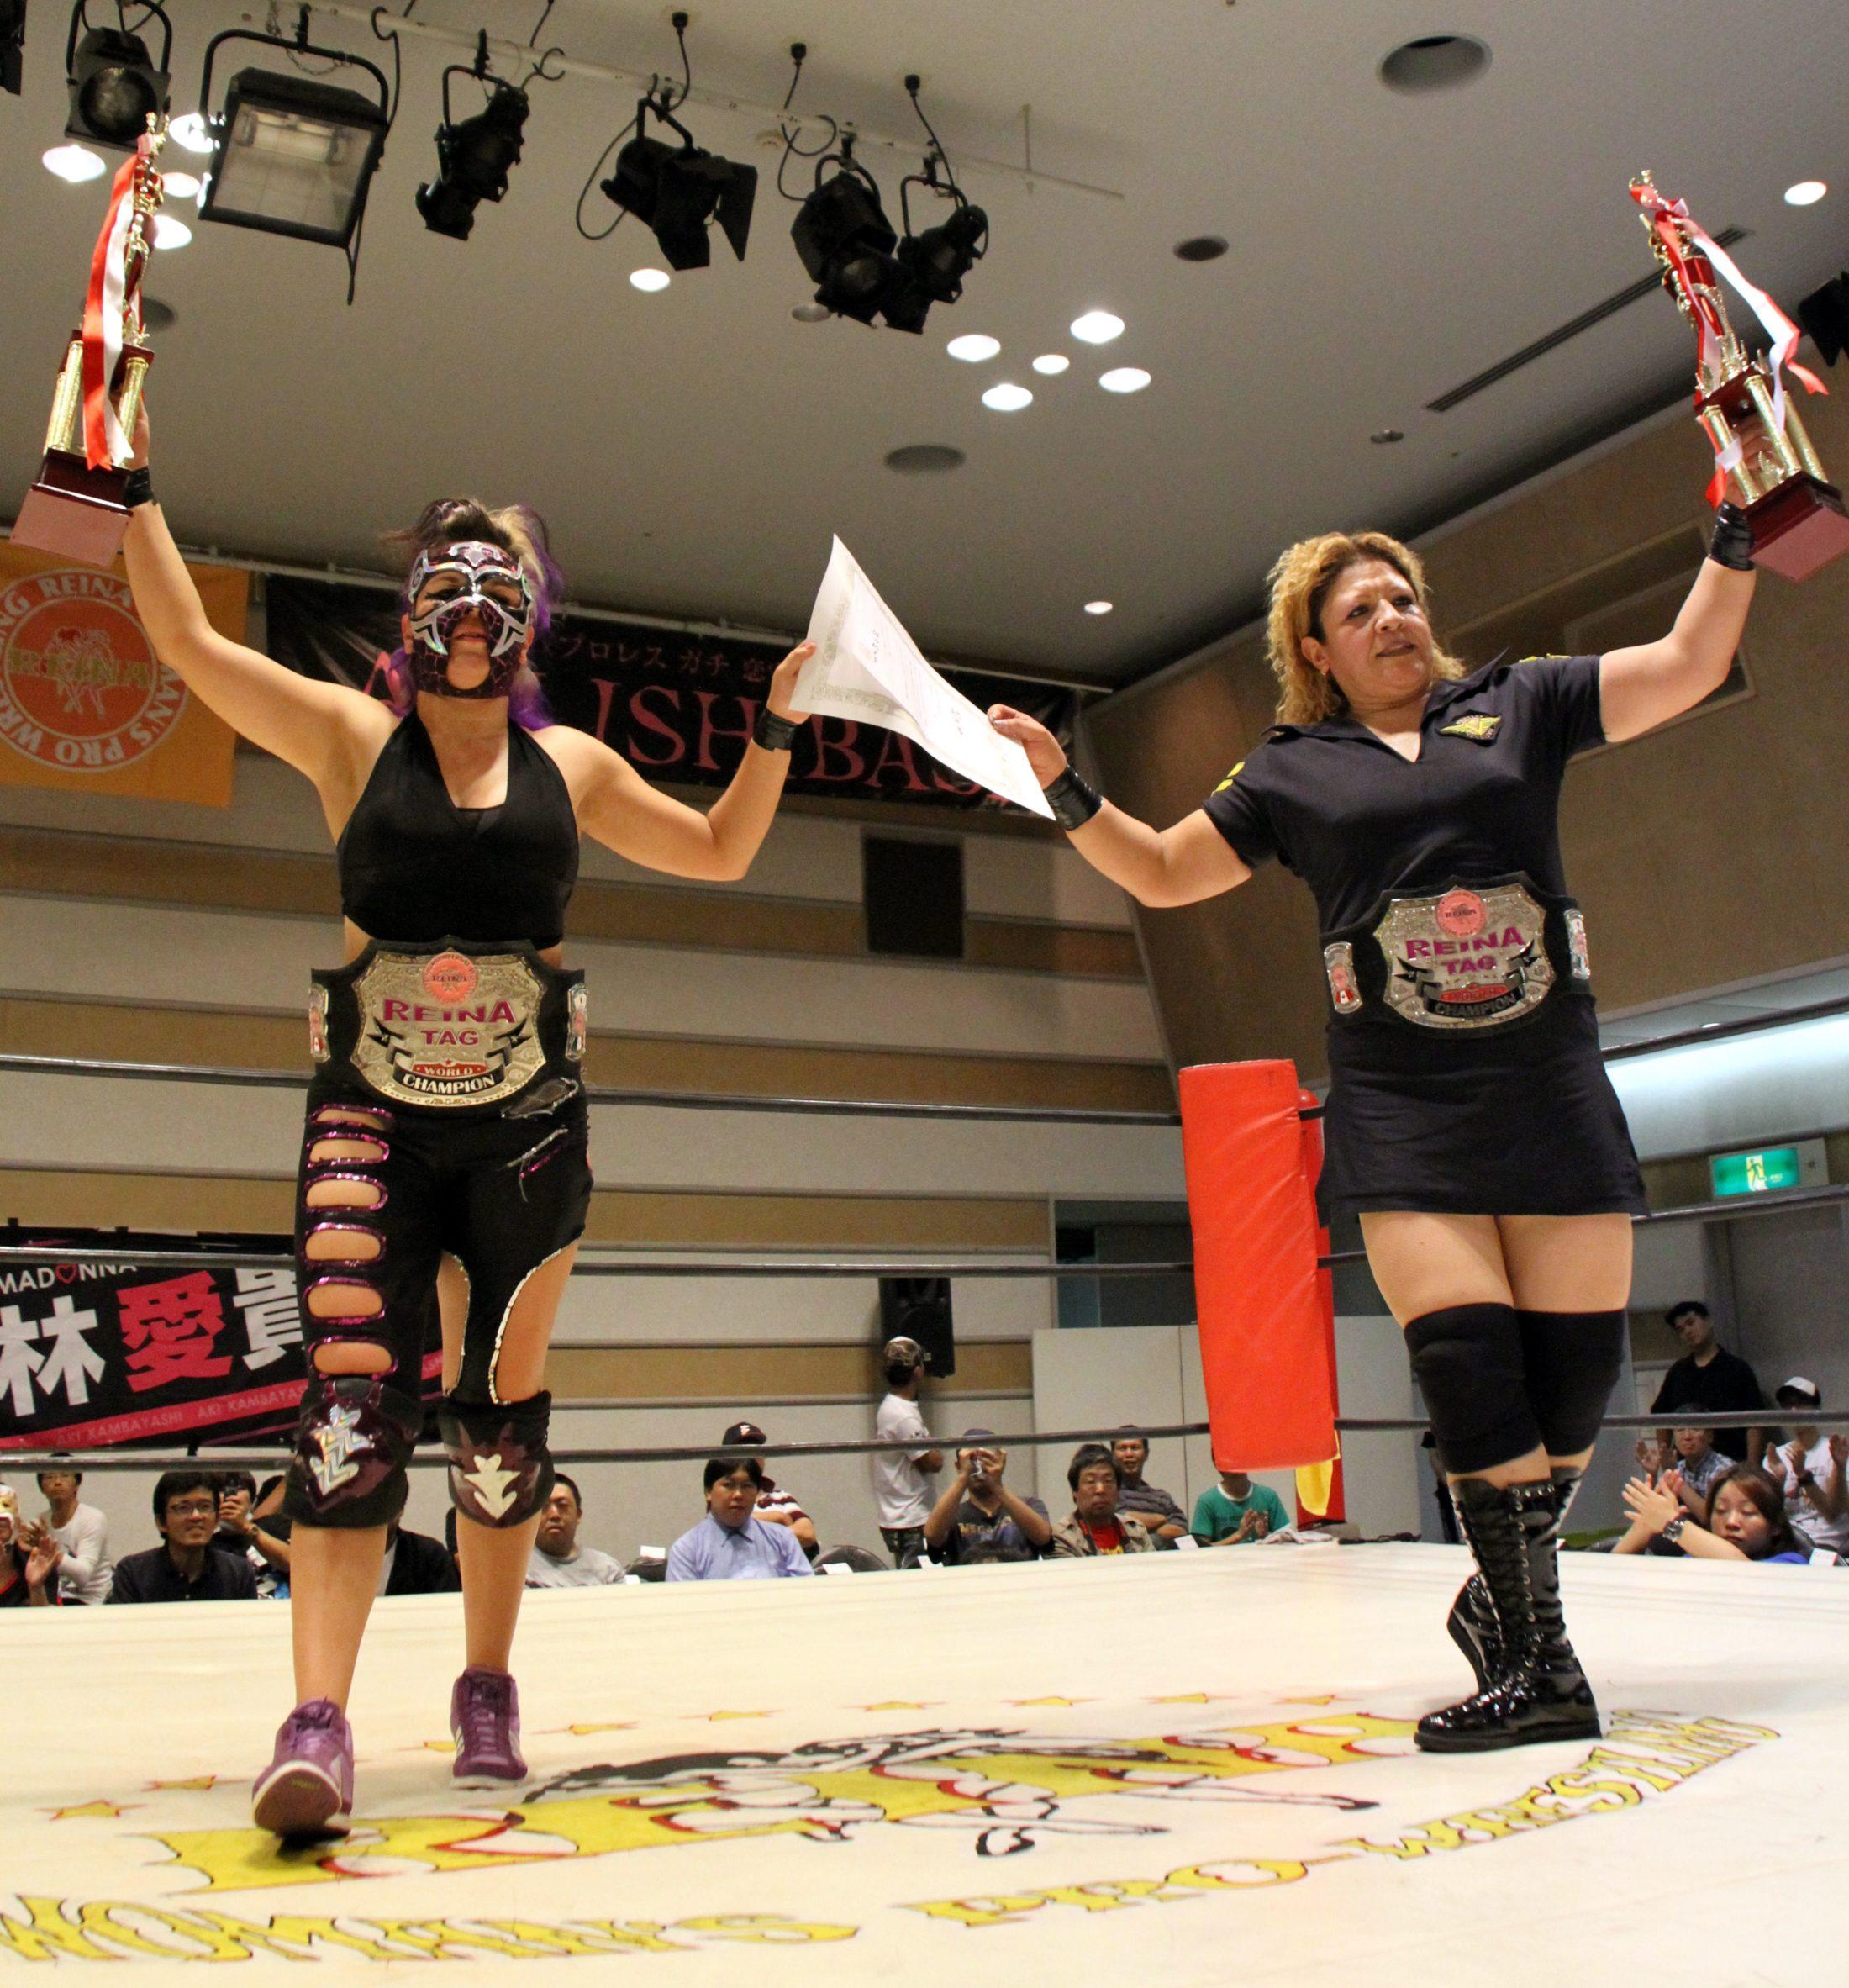 La Comandante y Zeuxis vencieron a Nicole Matthews y Portia Perez y se coronan campeonas en Japóm 1